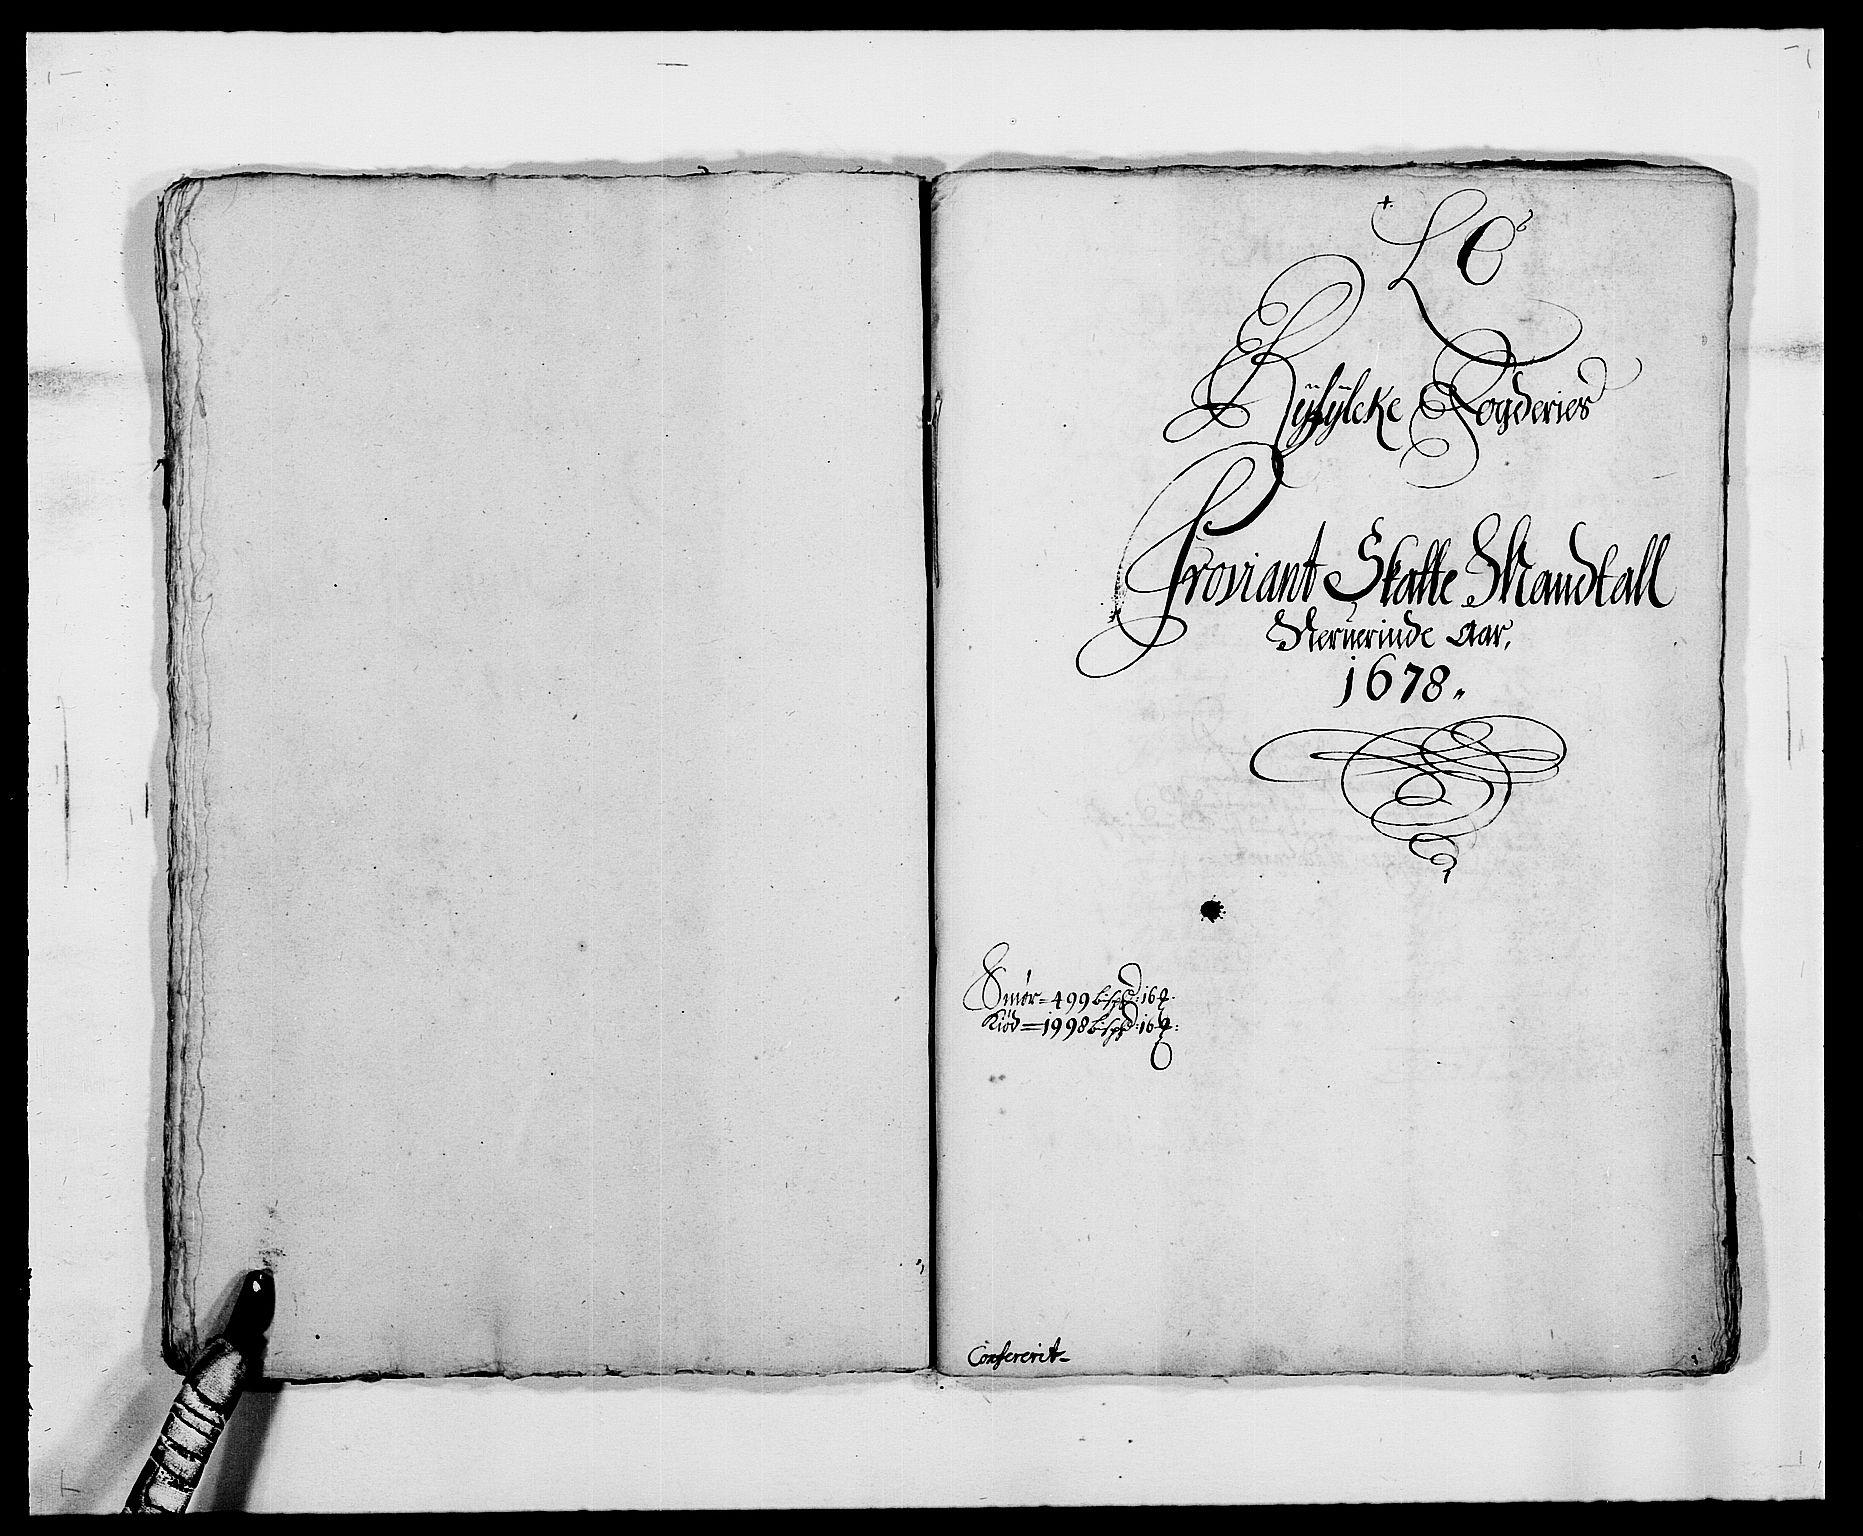 RA, Rentekammeret inntil 1814, Reviderte regnskaper, Fogderegnskap, R47/L2848: Fogderegnskap Ryfylke, 1678, s. 133